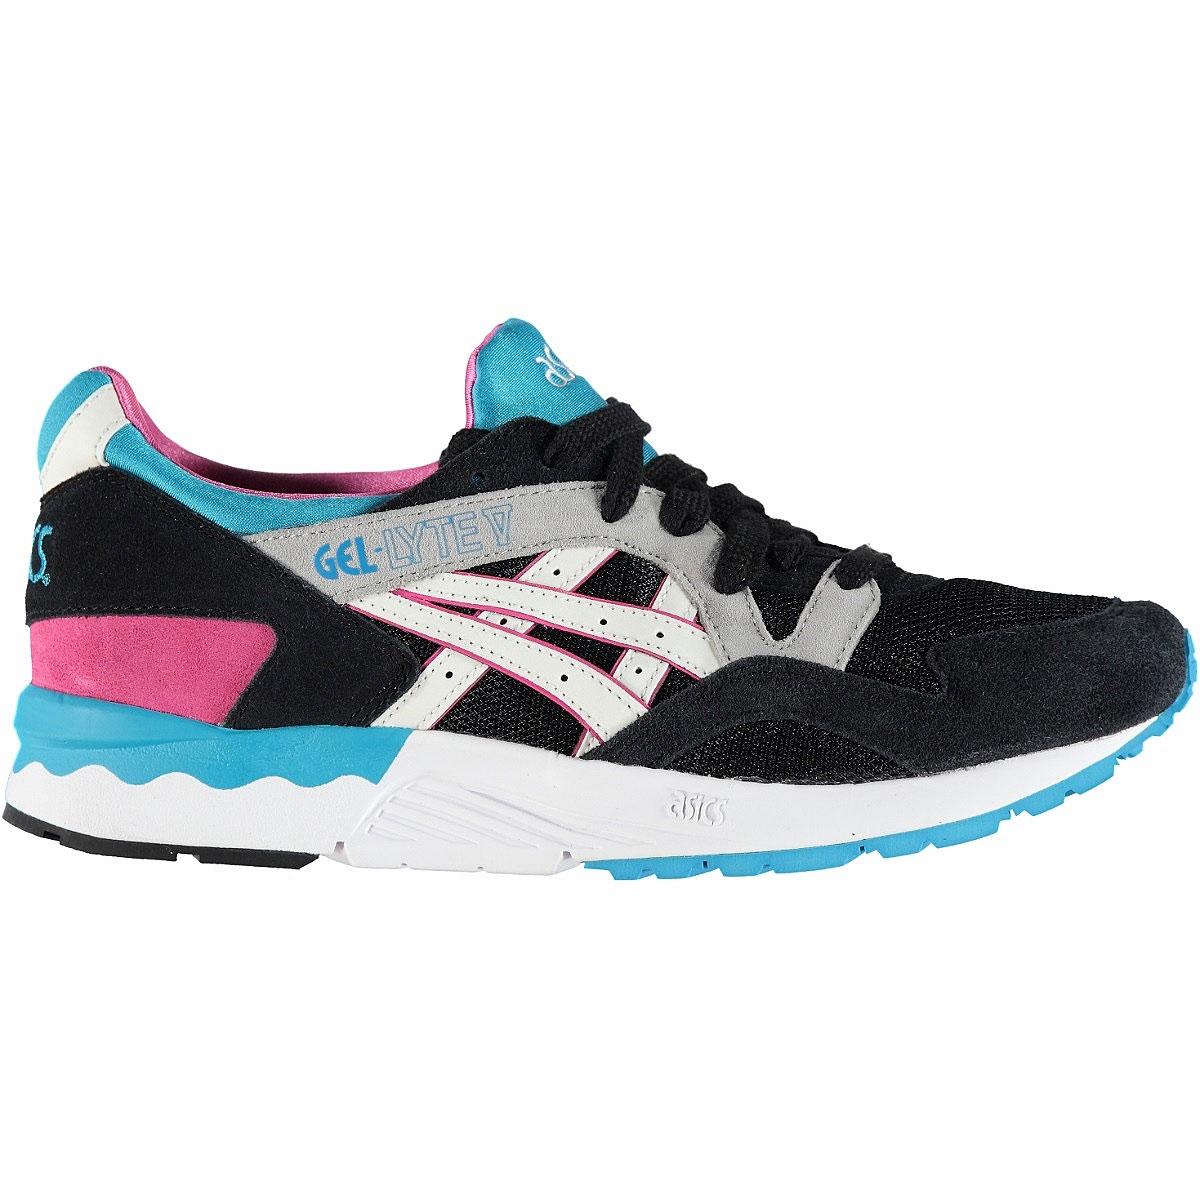 ASICS Gel-lyte V sneakers €39,99 @ MenatWork (maten 43 + 44)